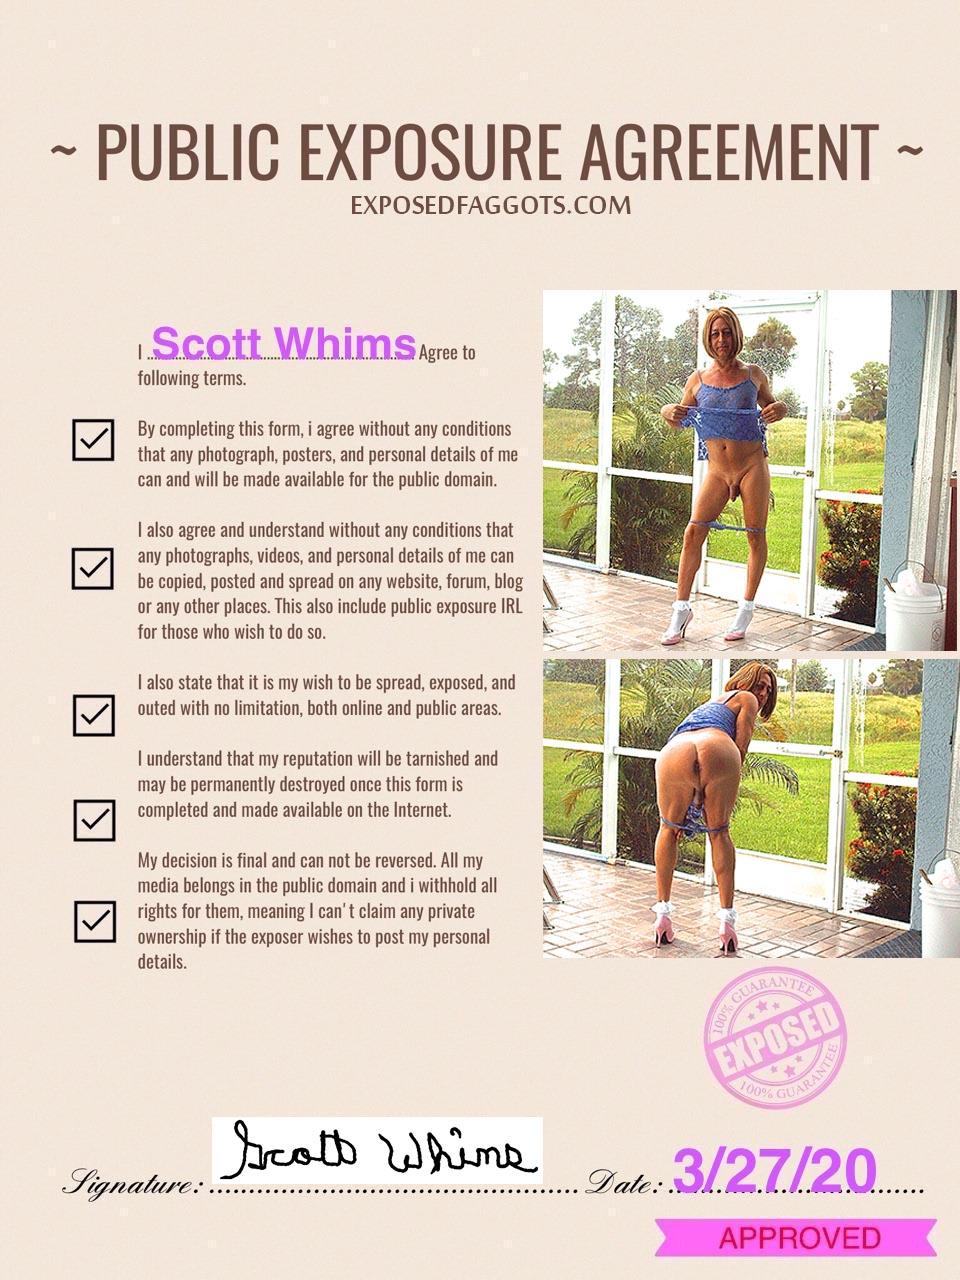 Scott Whims